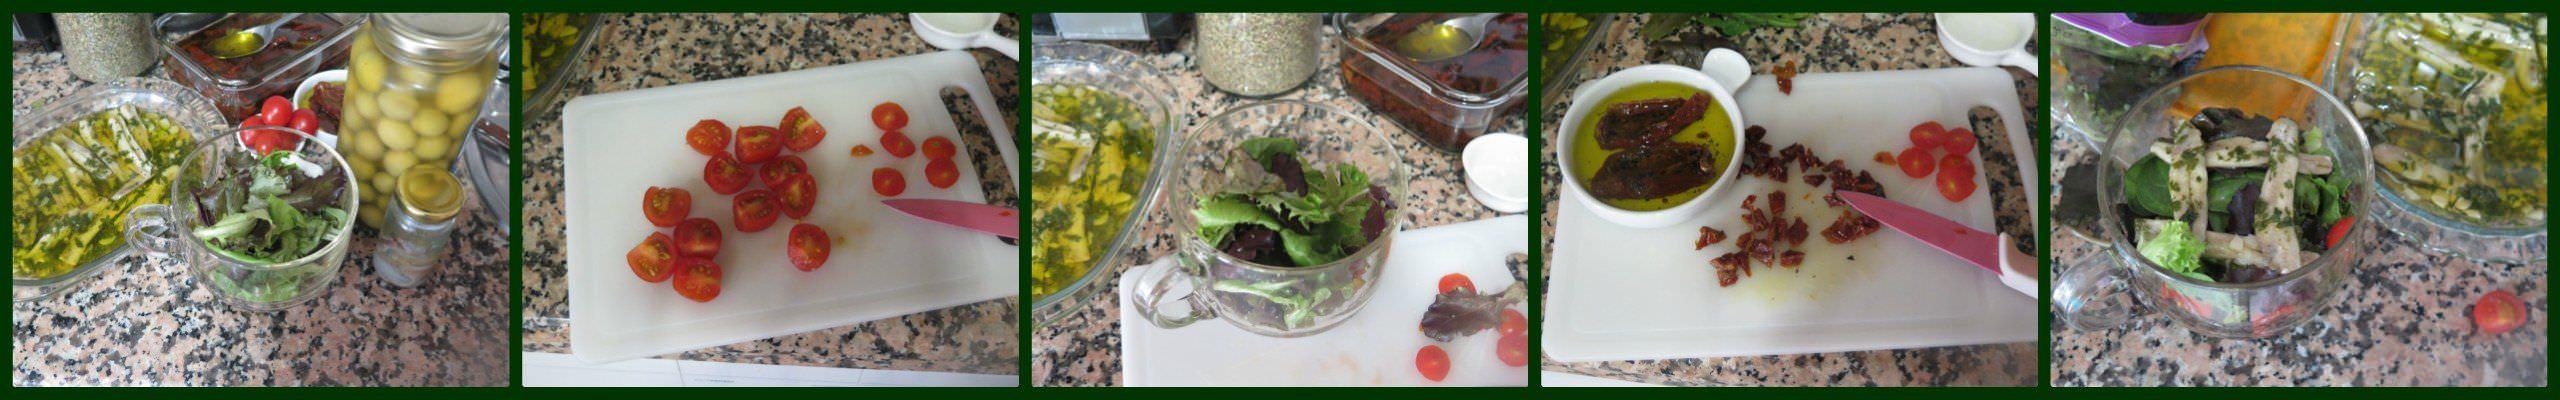 Pasos Ensalada de Tomate con Boquerones en Vinagre